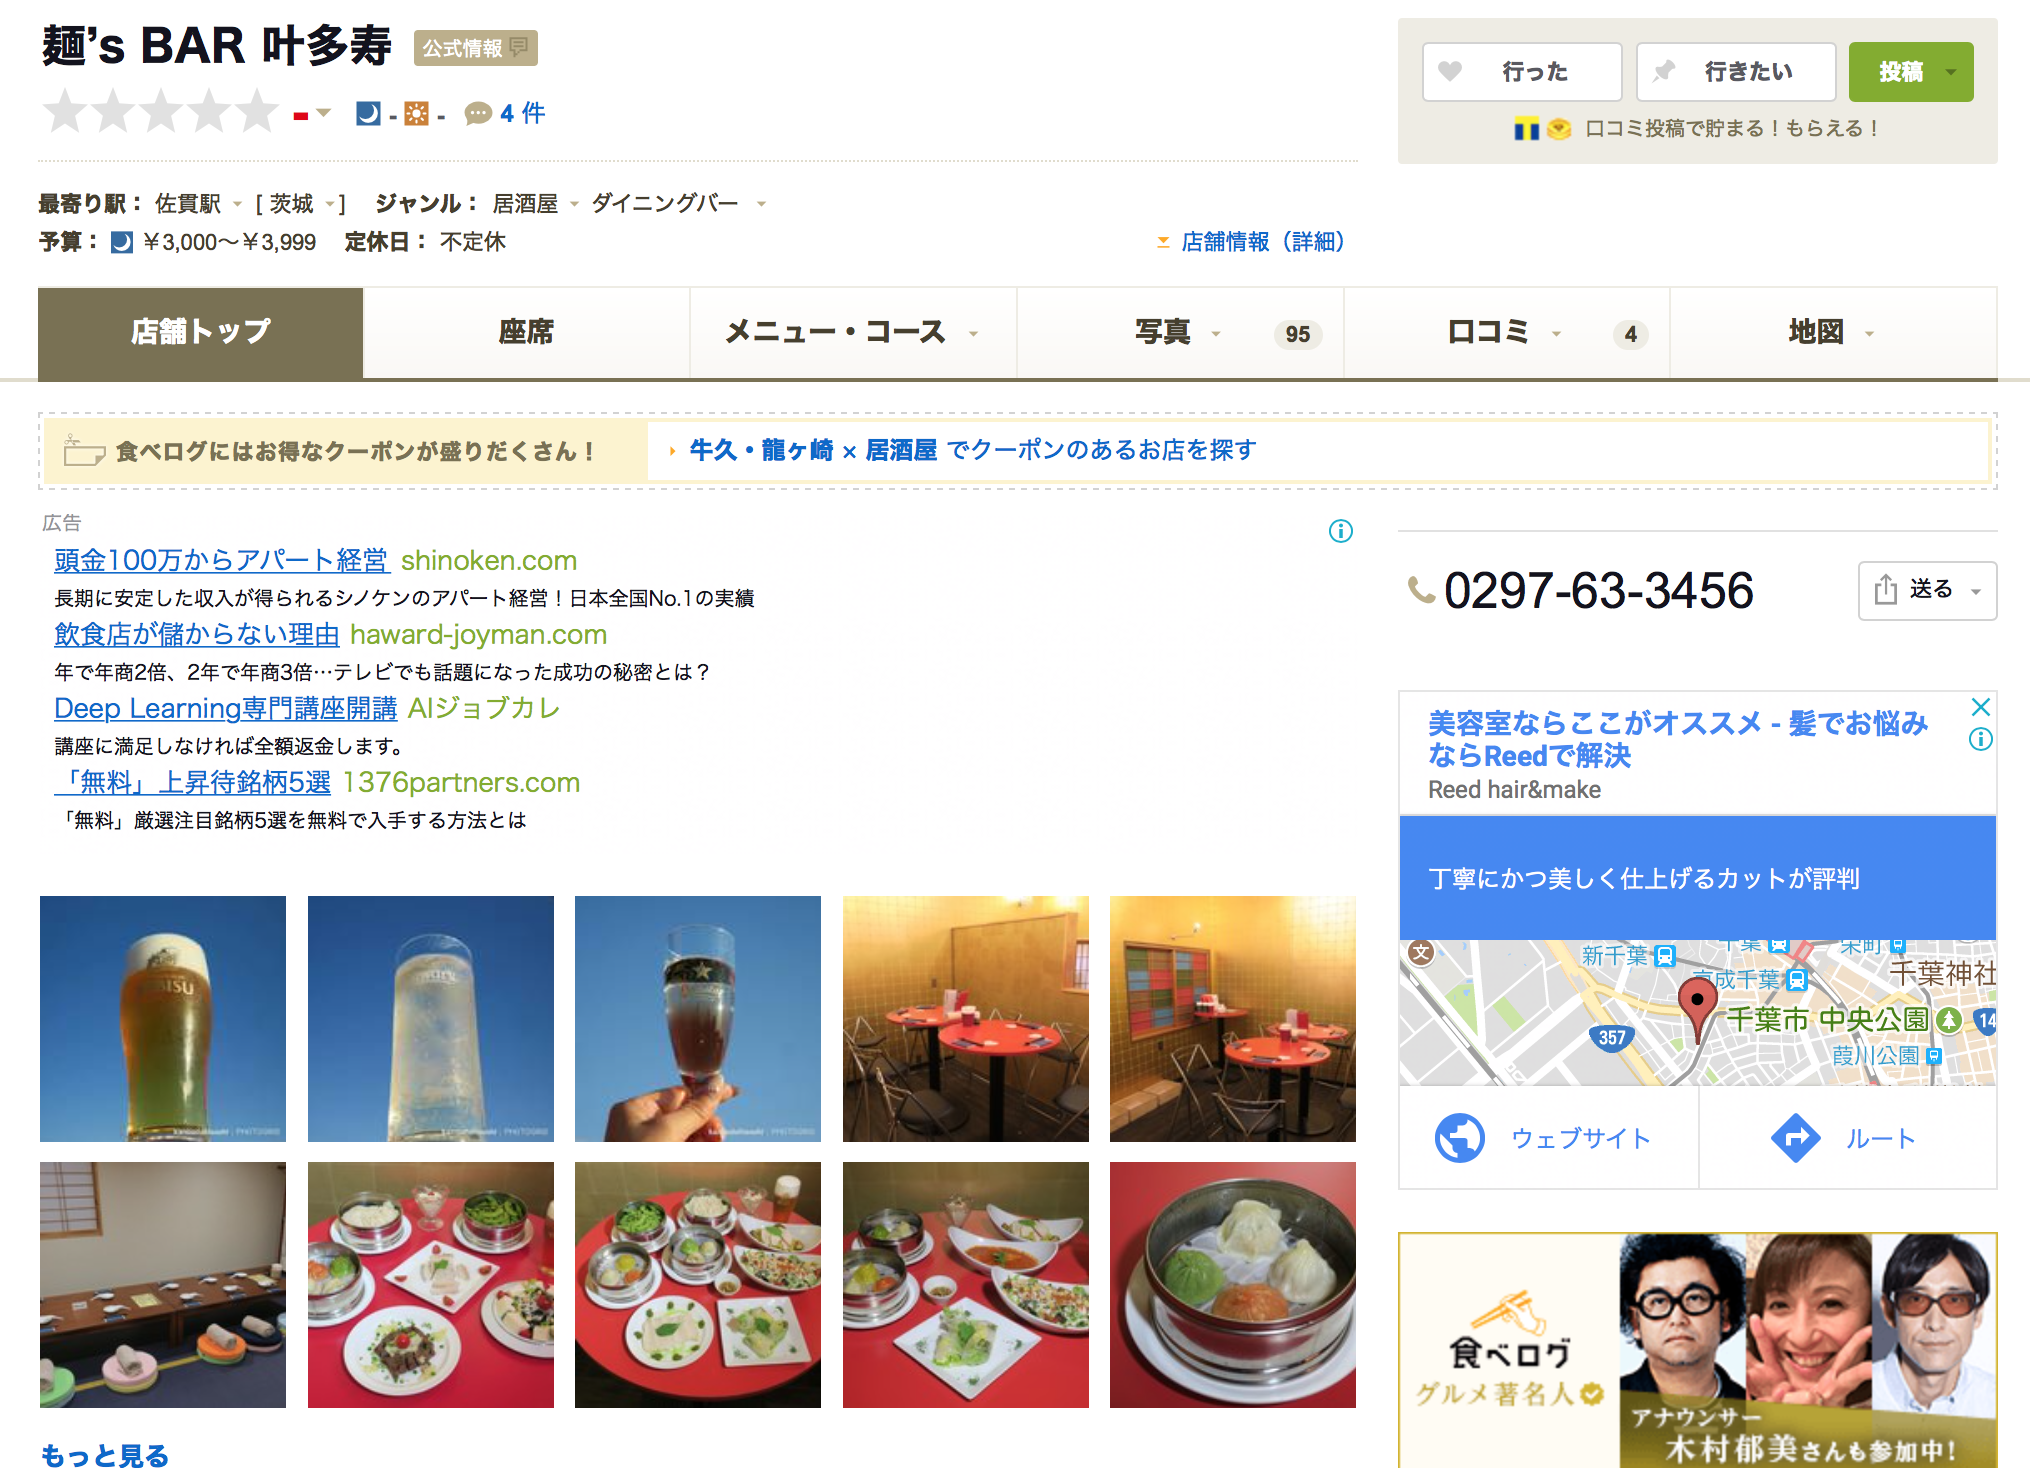 口コミサイトのご紹介 !page-visual 口コミサイトのご紹介 !ビジュアル